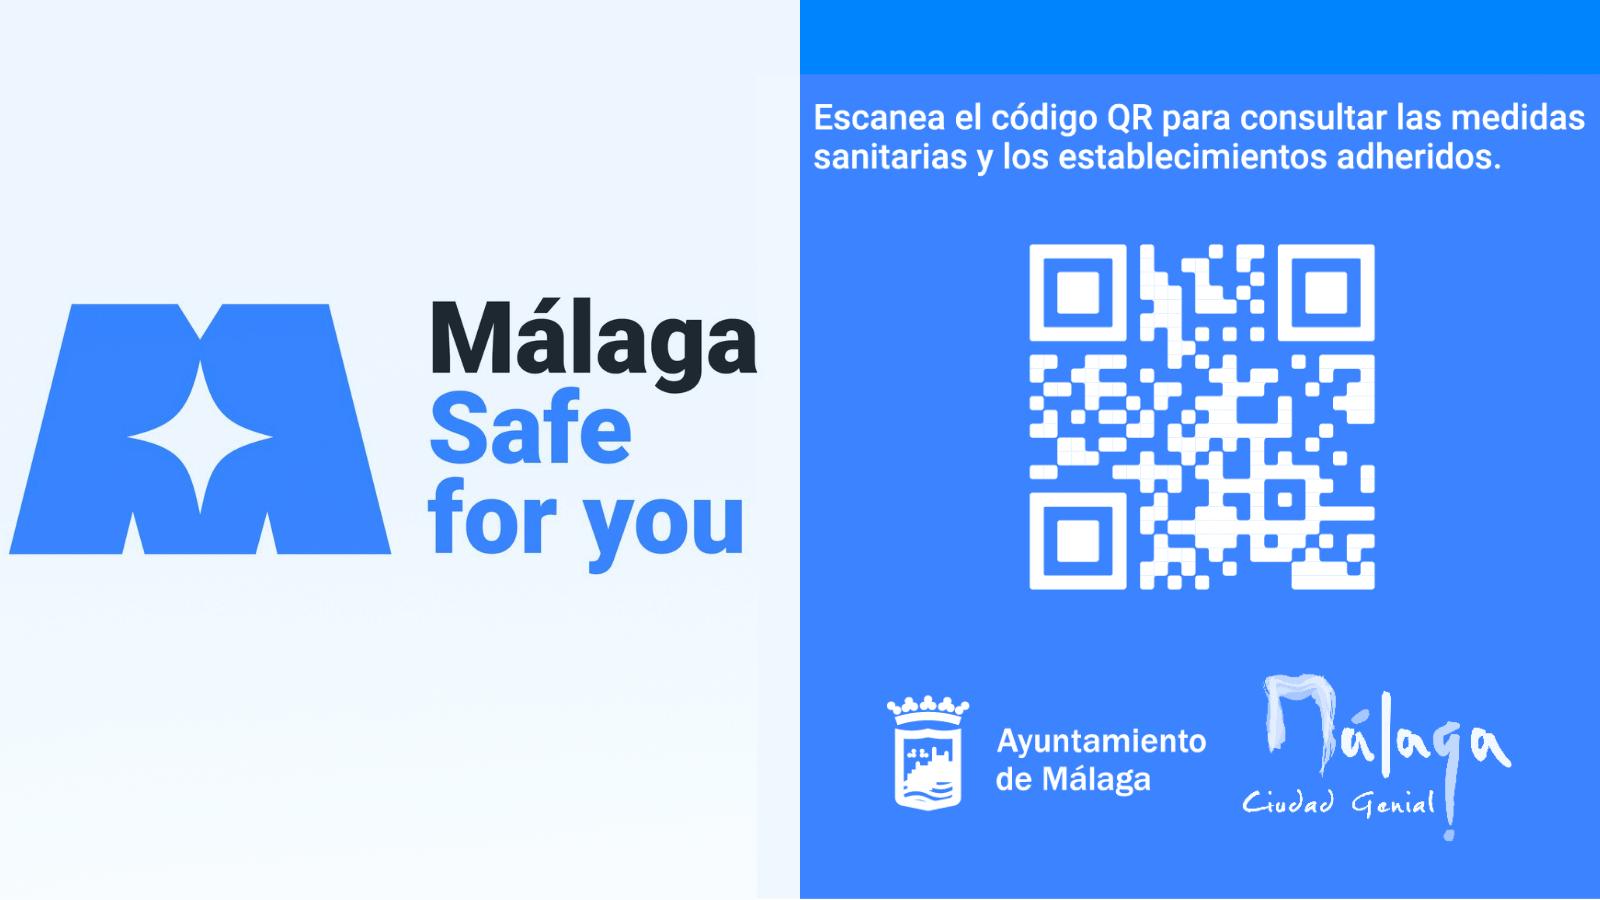 Málaga presenta su sello distintivo para identificar sitios que cumplen con protocolos de seguridad higiénico-sanitario 2